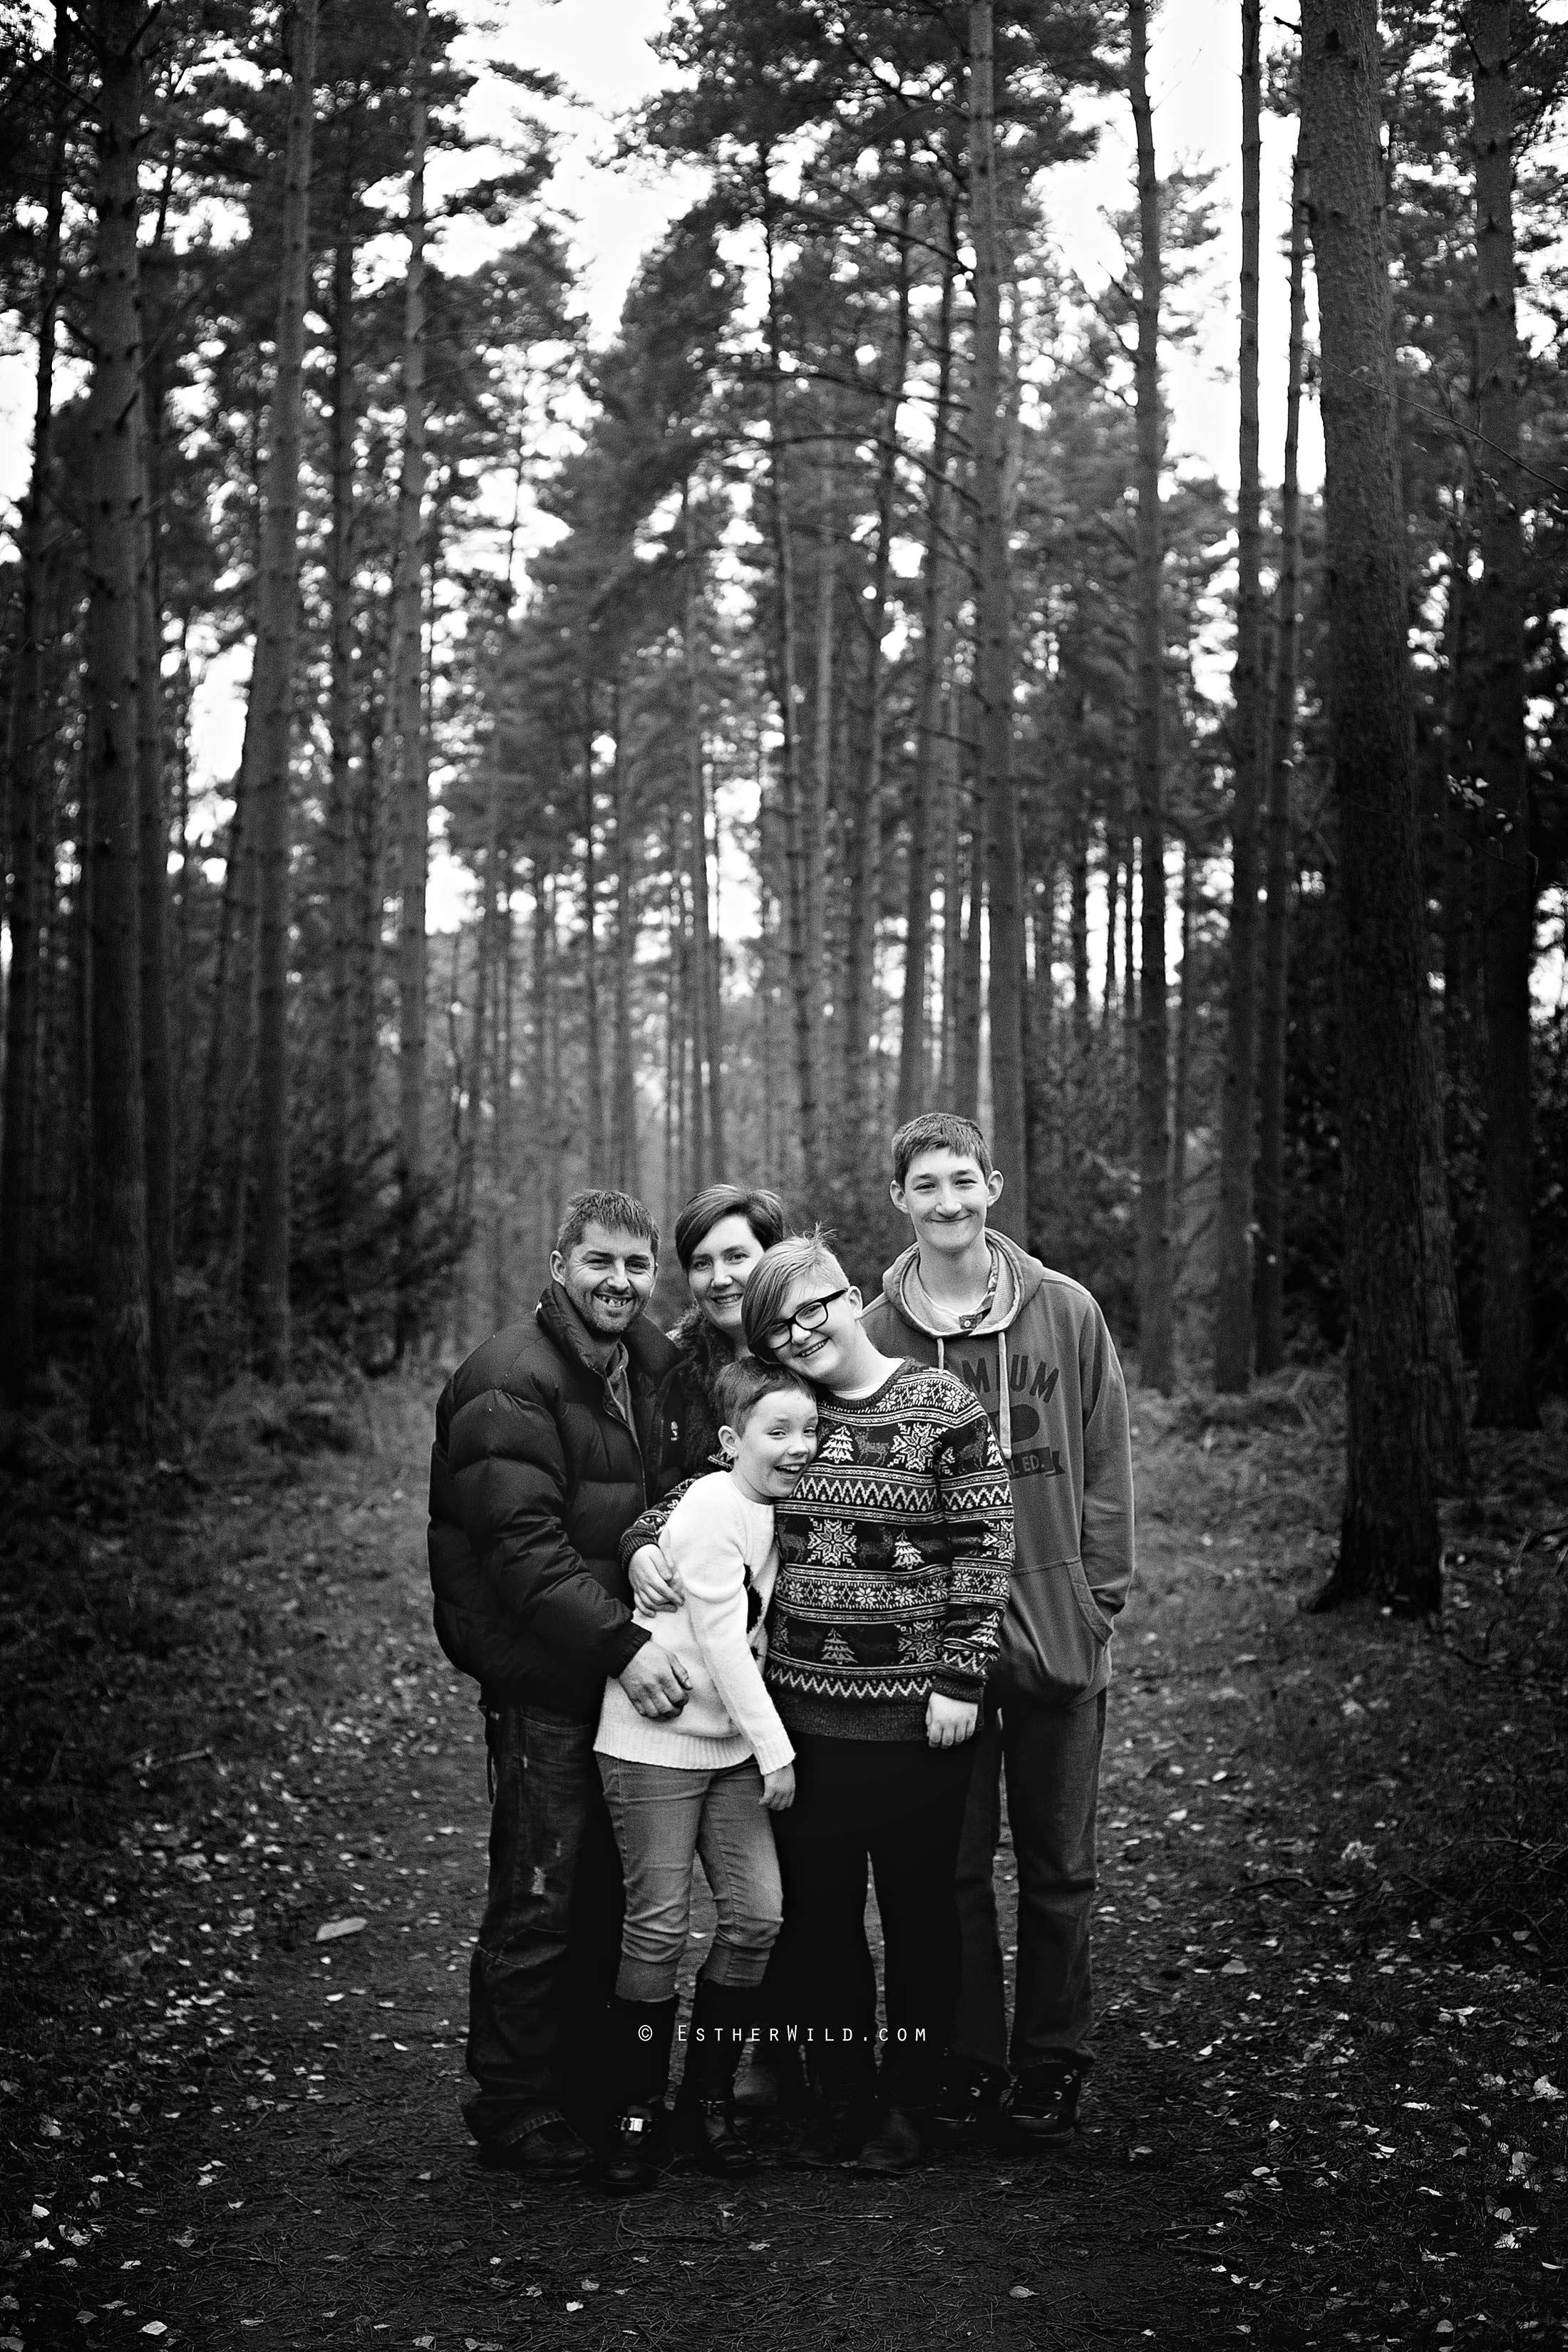 © Esther Wild Photographer, Kings Lynn, Norfolk. Sandringham Family Session for Christmas.